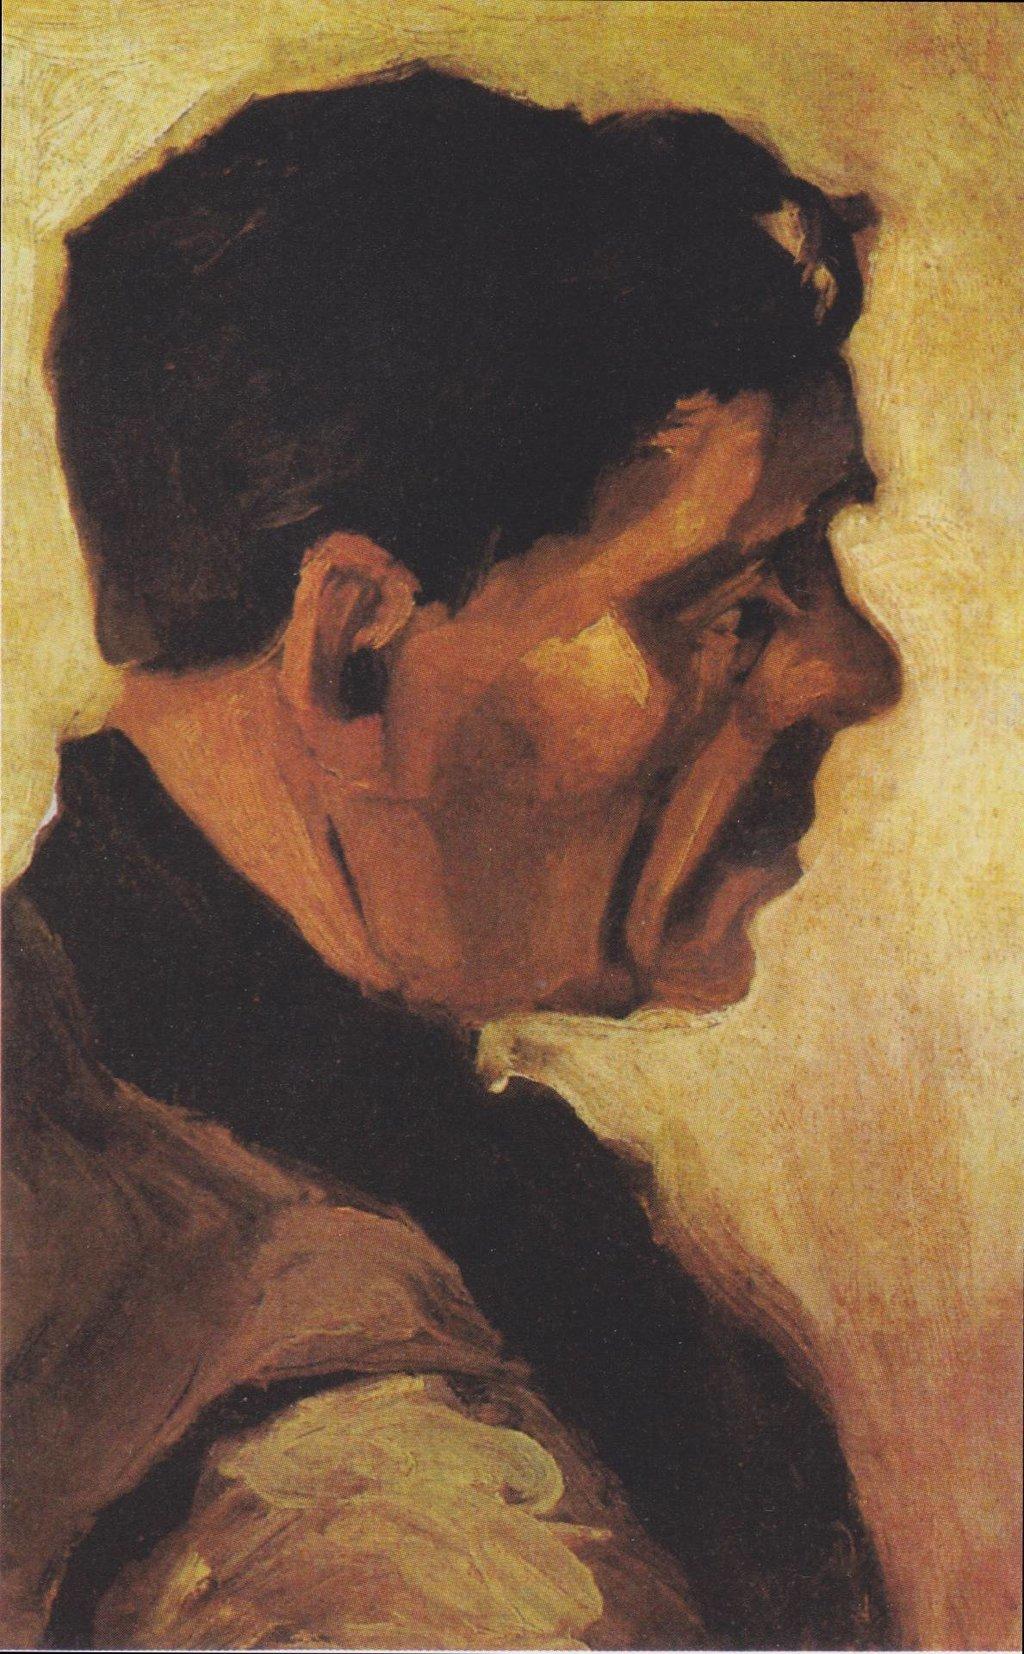 Van_Gogh_-_Kopf_eines_Bauern.jpg?1557408188